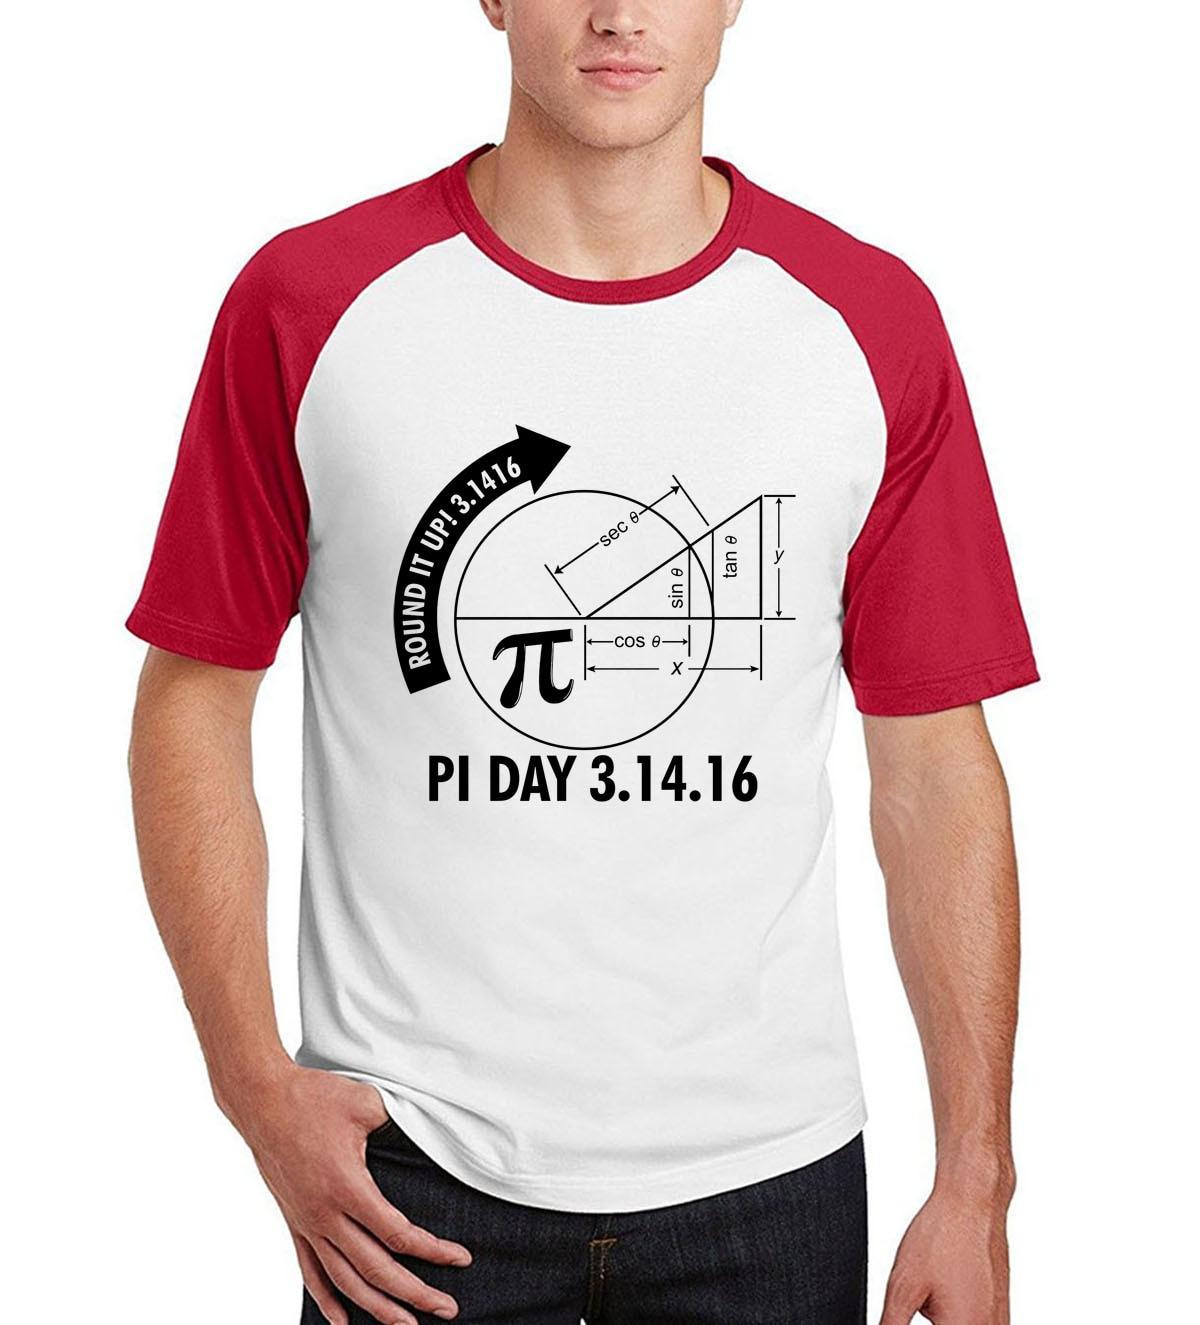 7c52e12abbcbe1 2019 mężczyźni raglan bawełna siłownia topy śmieszne Pi dzień 2019 3.1416  okrągły It Up matematyki wykresu macierzystych T-Shirt lato krótki rękaw  koszulki